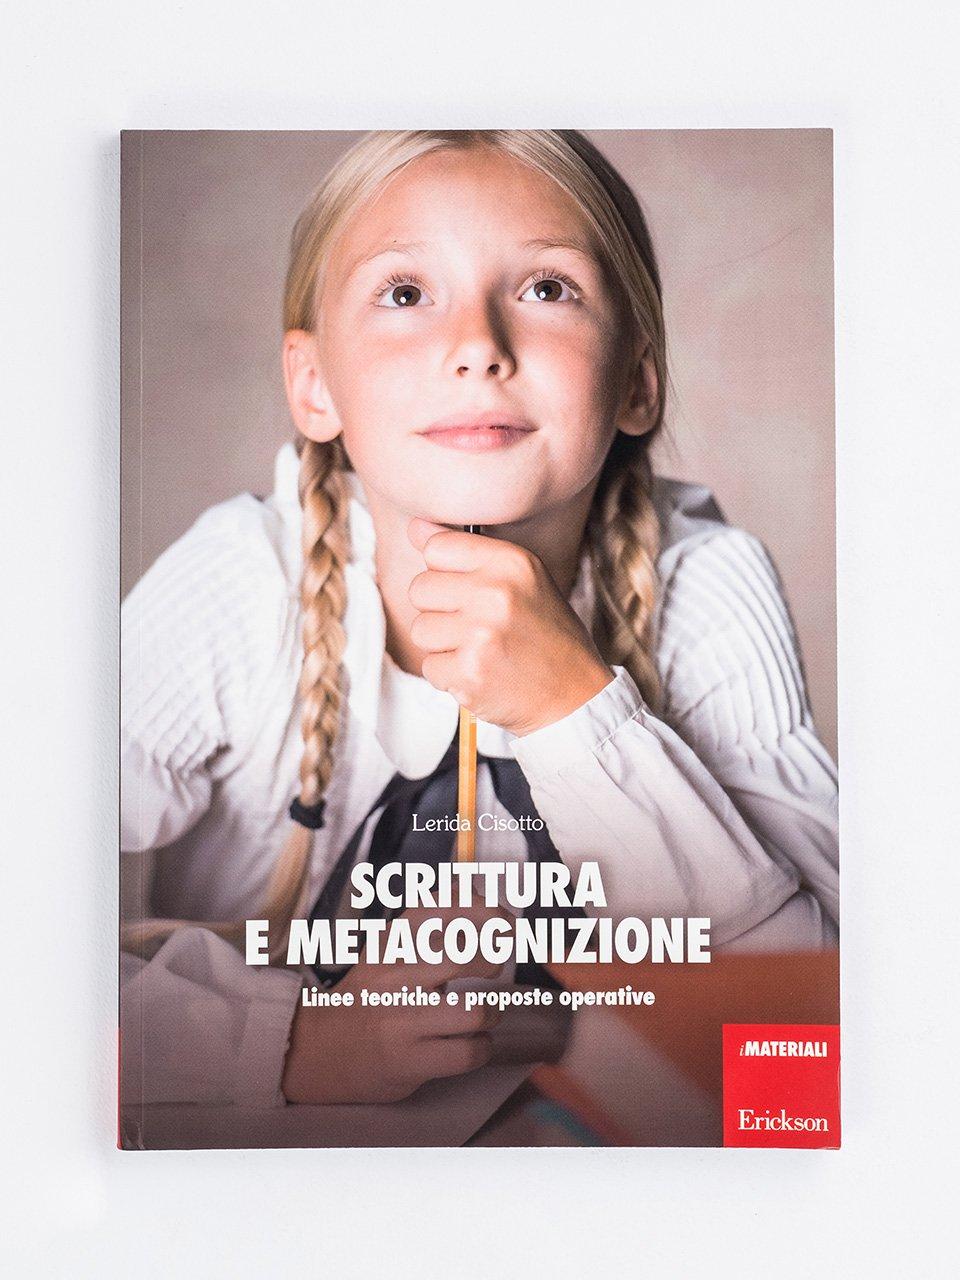 Scrittura e metacognizione - A scuola di creatività - Libri - Erickson